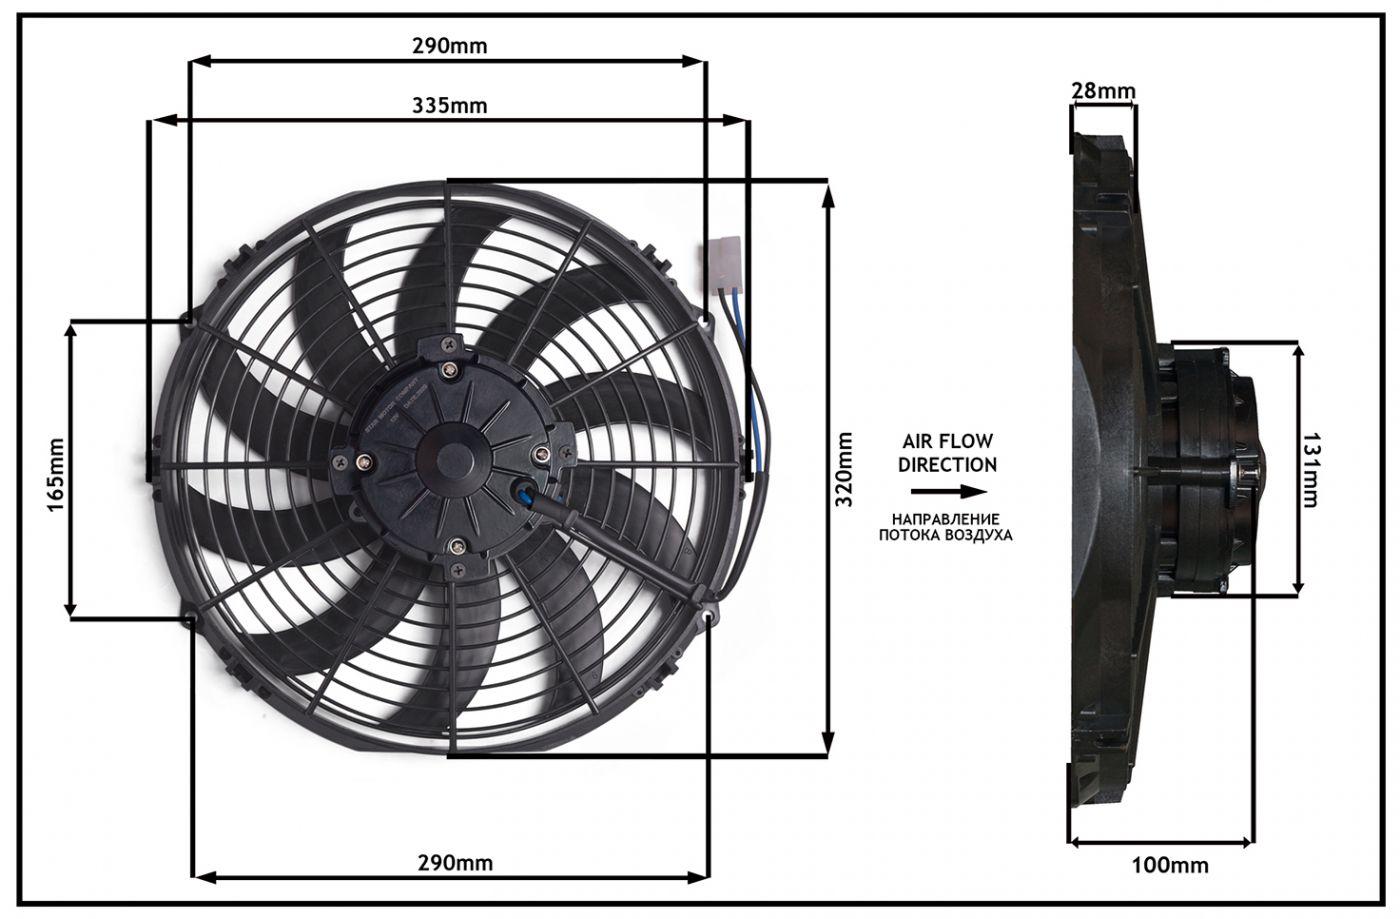 Осевой вентилятор 12 дюймов, 170 Ватт, 12 Вольт, Всасывающий. (PULL), STR 113